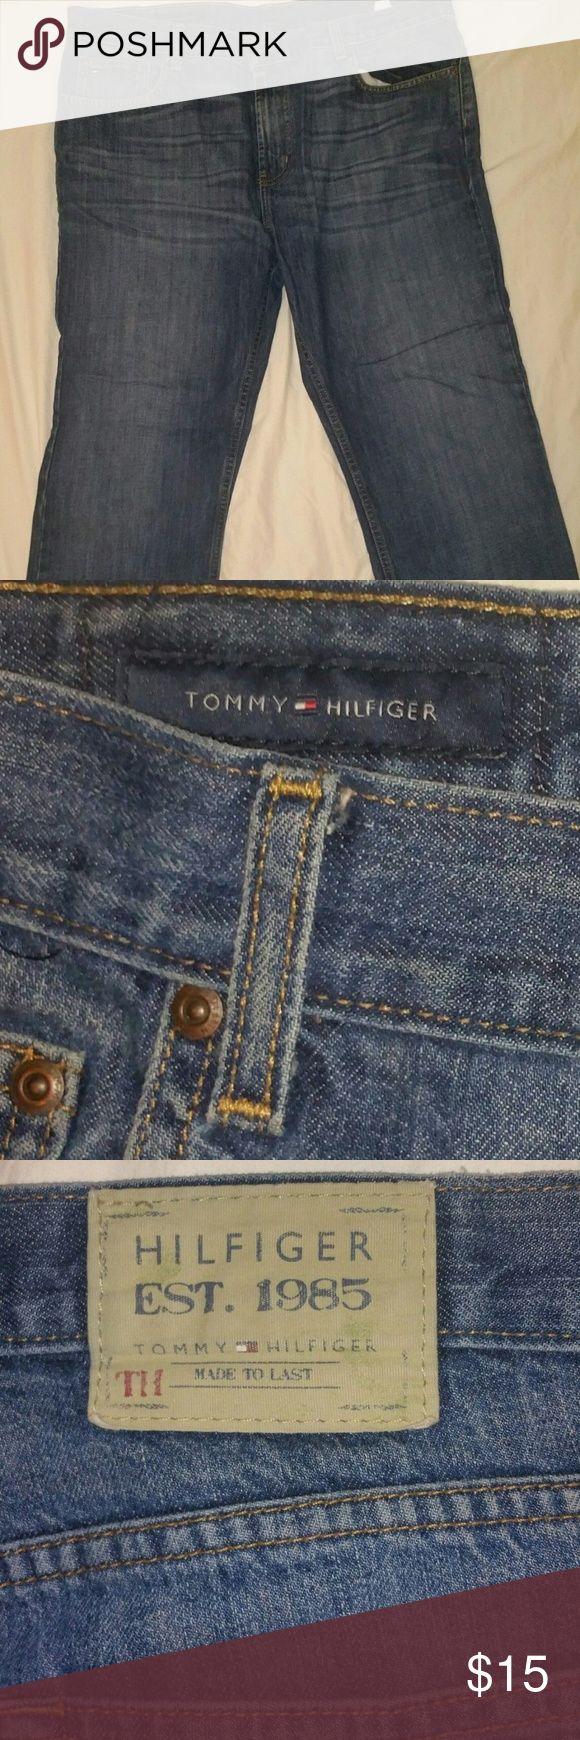 Vintage Tommy Hilfiger jeans. Mens size 36 Vintage tommy hilfiger jeans. Mens size 36. No fraying at bottom. No defects. Tommy Hilfiger Jeans